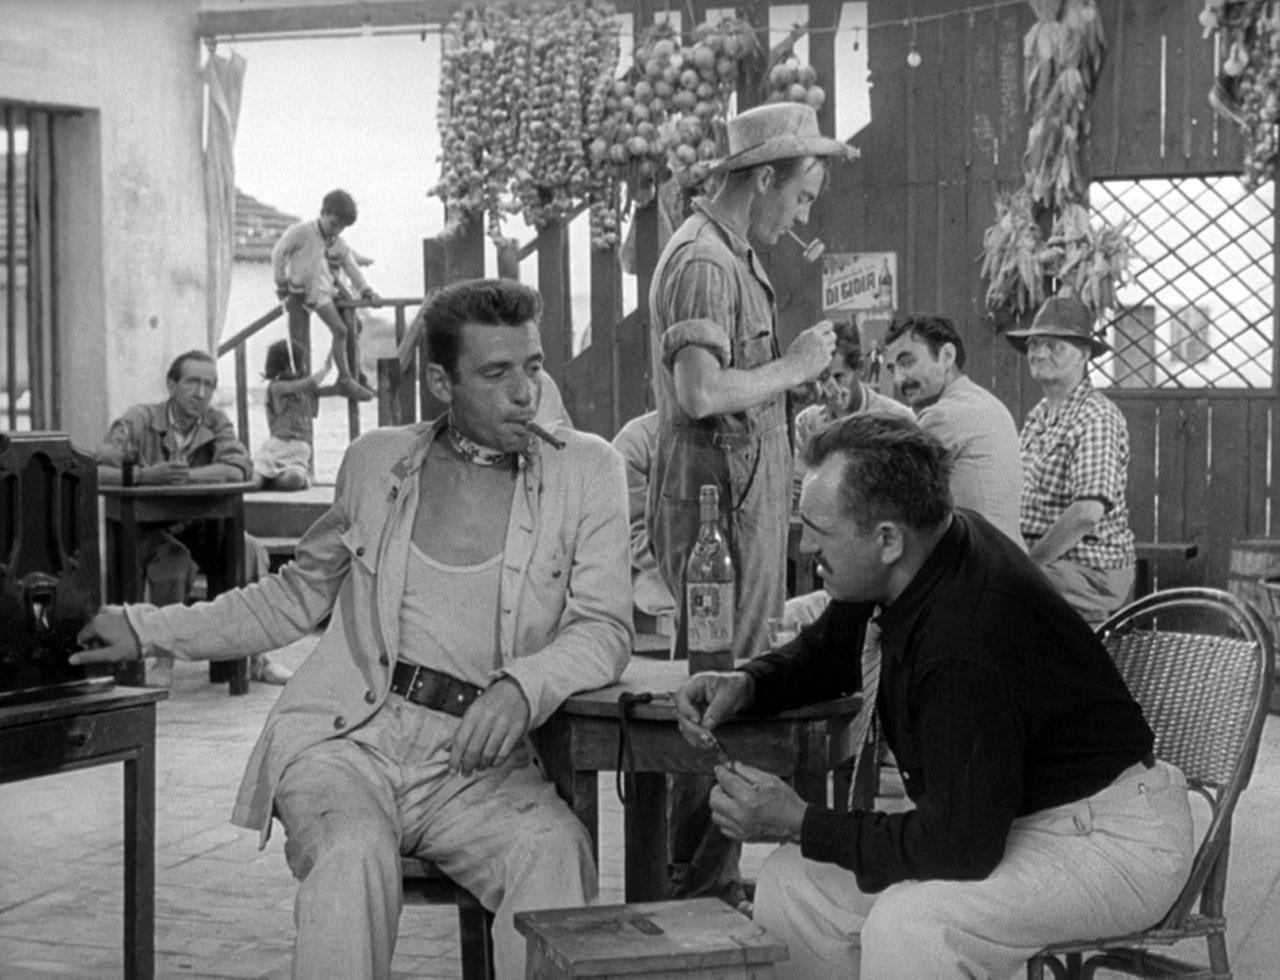 Фільм «Плата за страх» (1953): Ів Монтан, Джеронімо Мітчелл, Чарльз Ванель, Джо Дест 1280x980